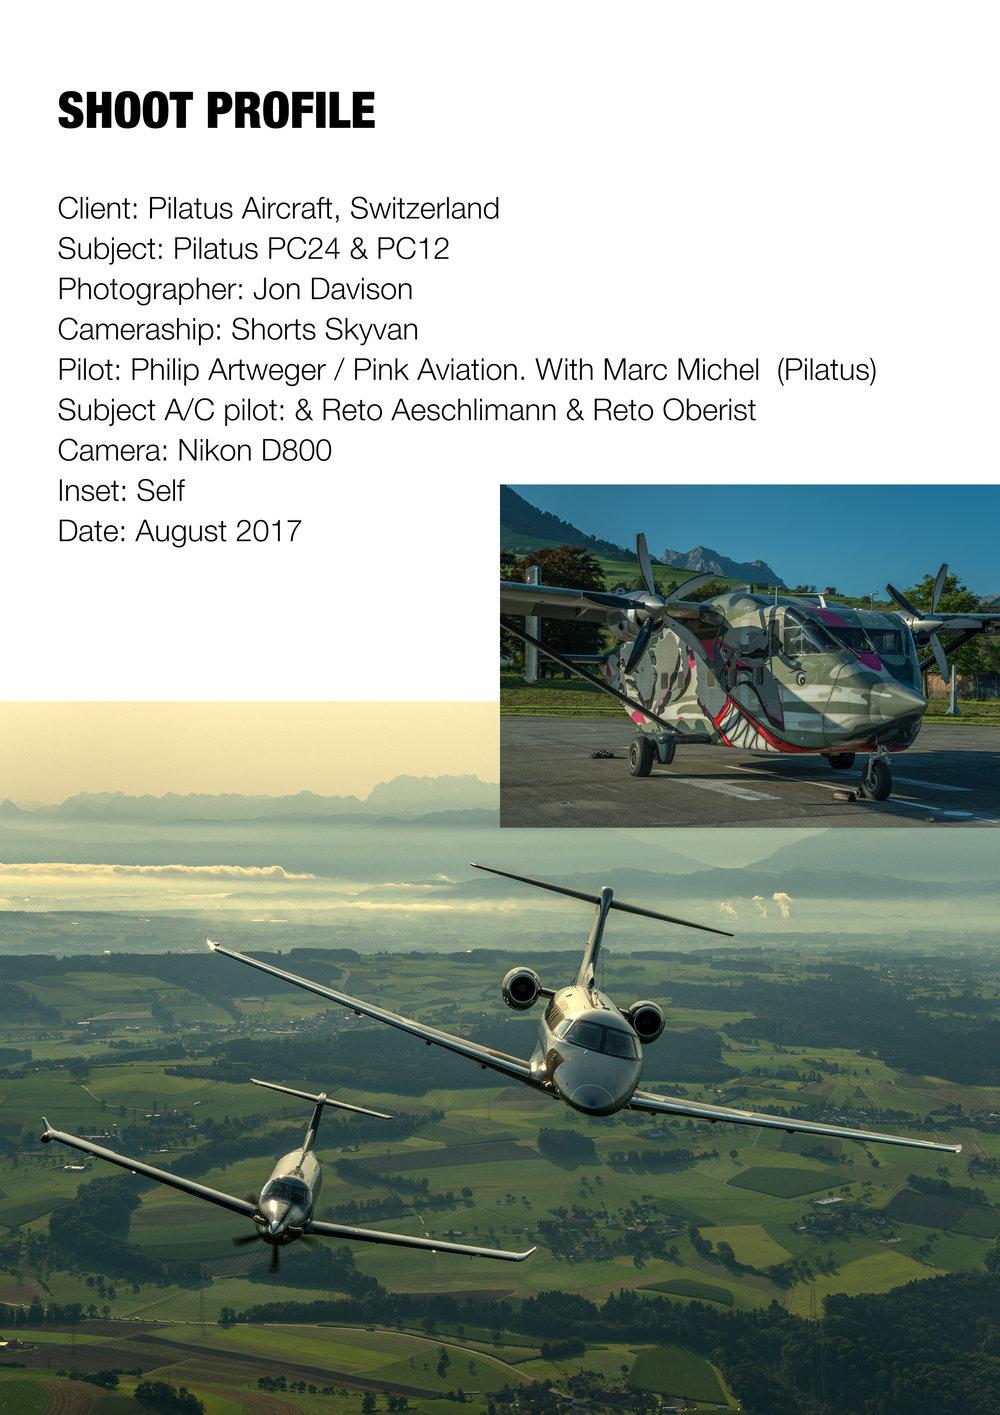 Pilatus PC12 and PC24, Switzerland